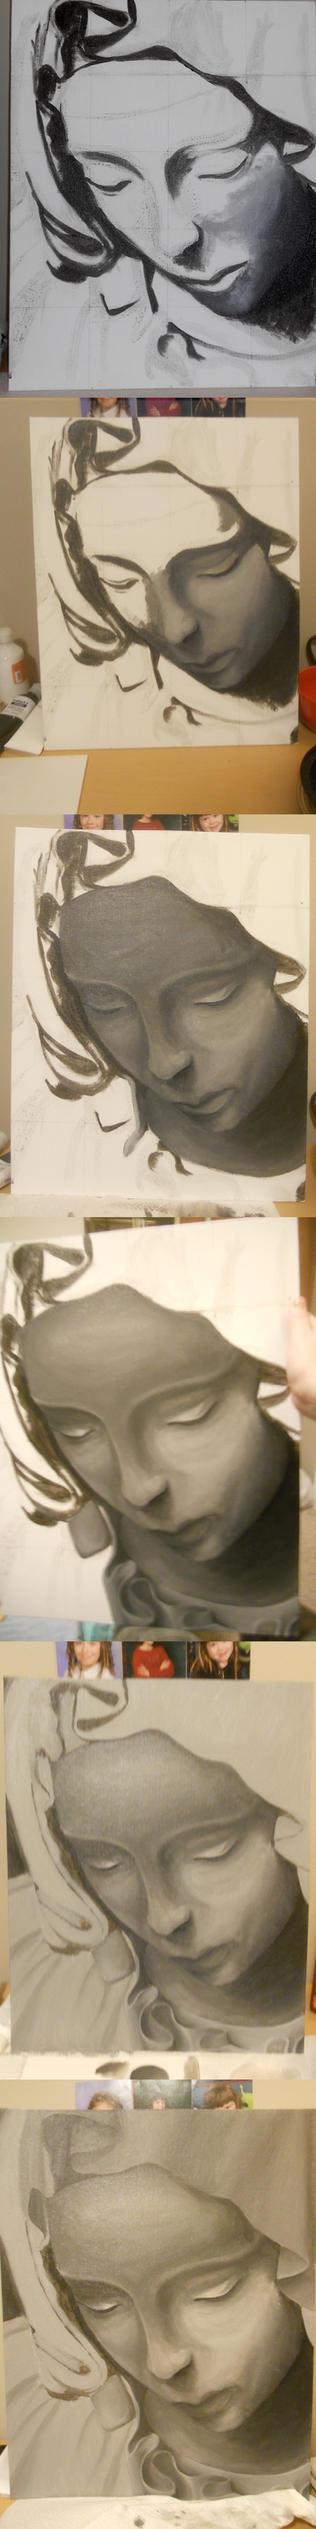 Michelangelo's Pieta by jenna-aw